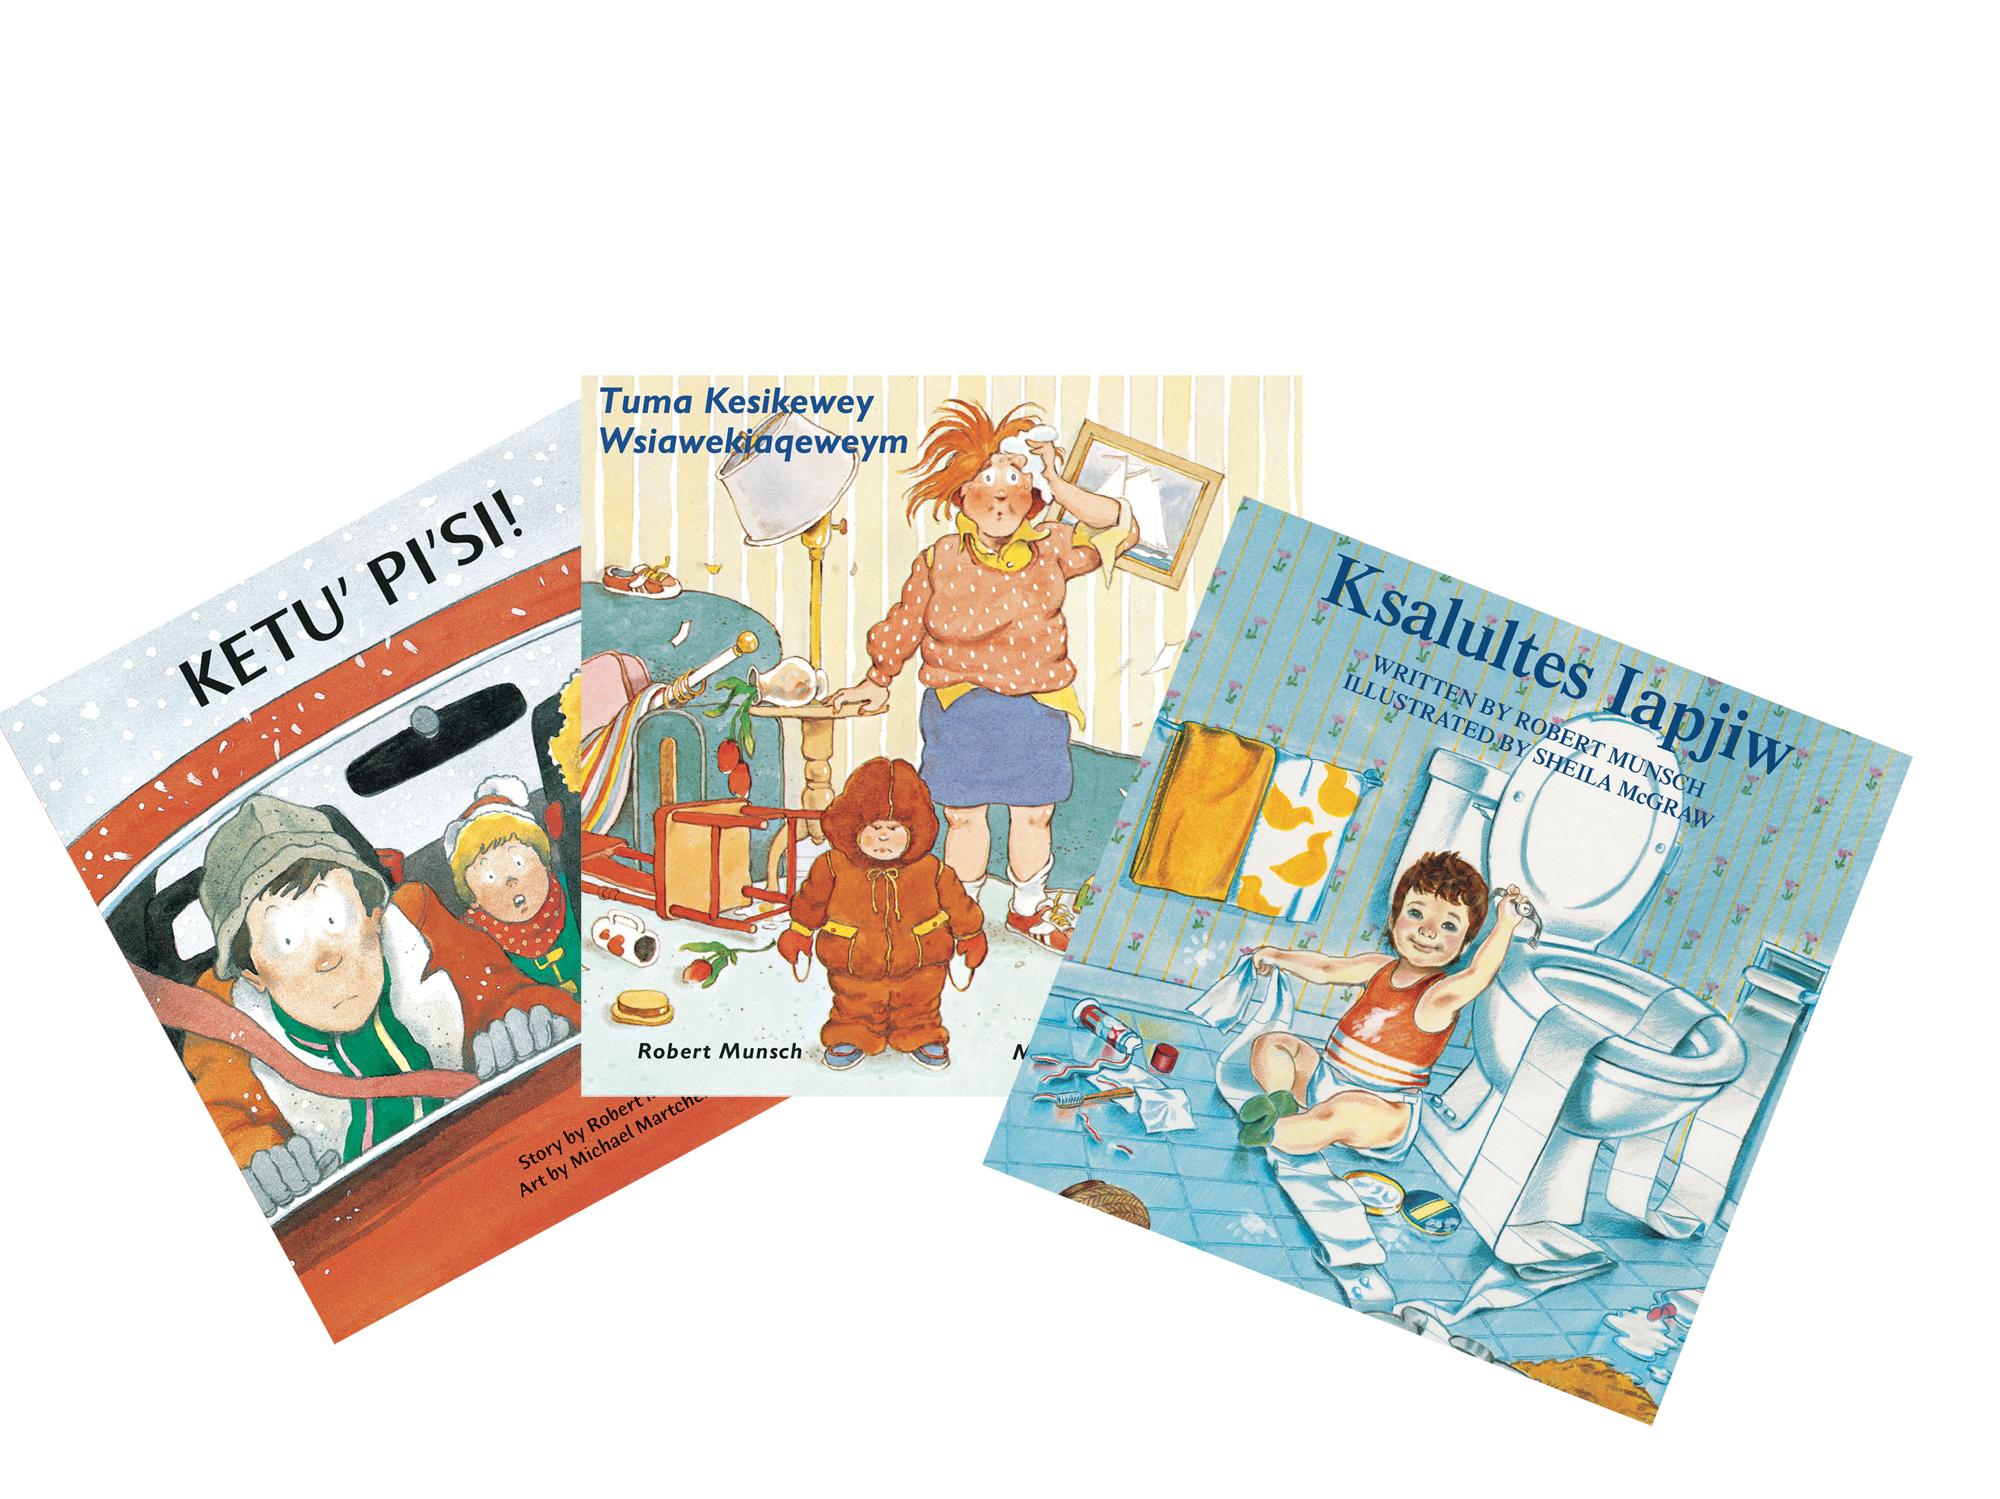 Munsch books